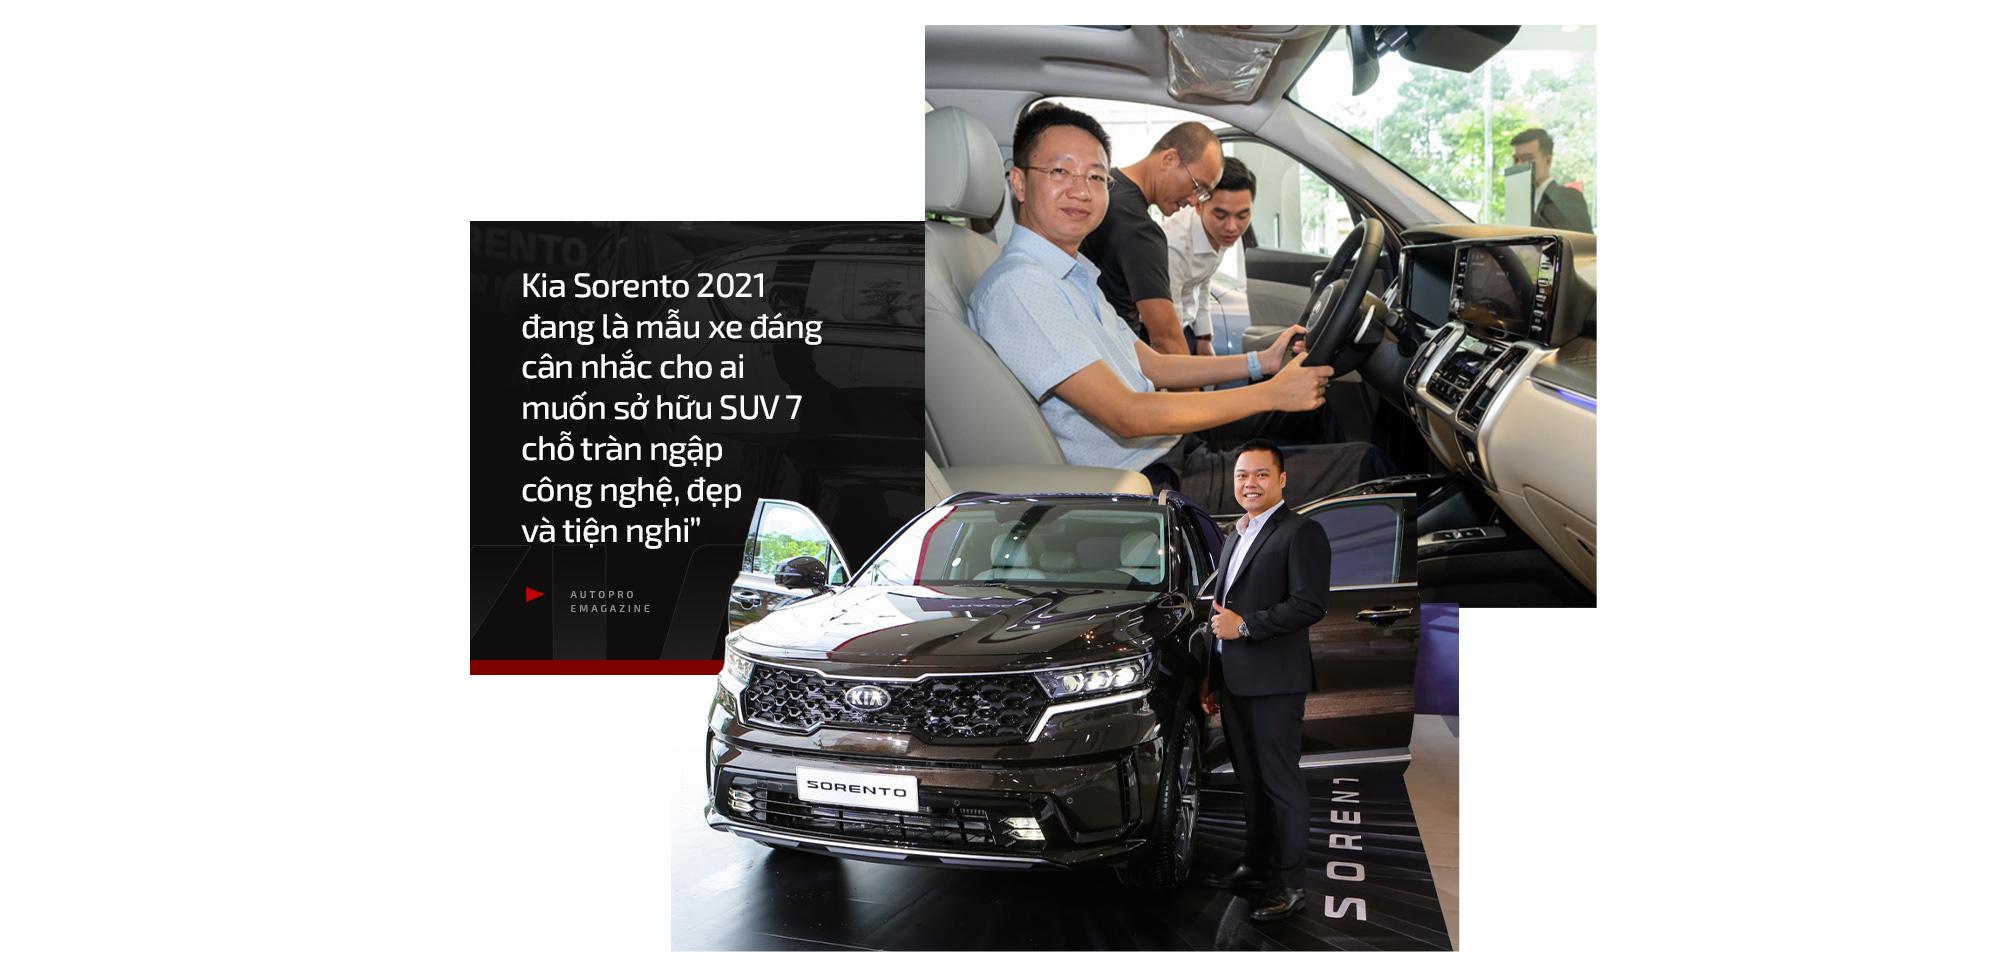 Kia Sorento 2021 qua cảm nhận của khách hàng Việt: Mẫu xe đáng cân nhắc ở thời điểm hiện tại - Ảnh 12.